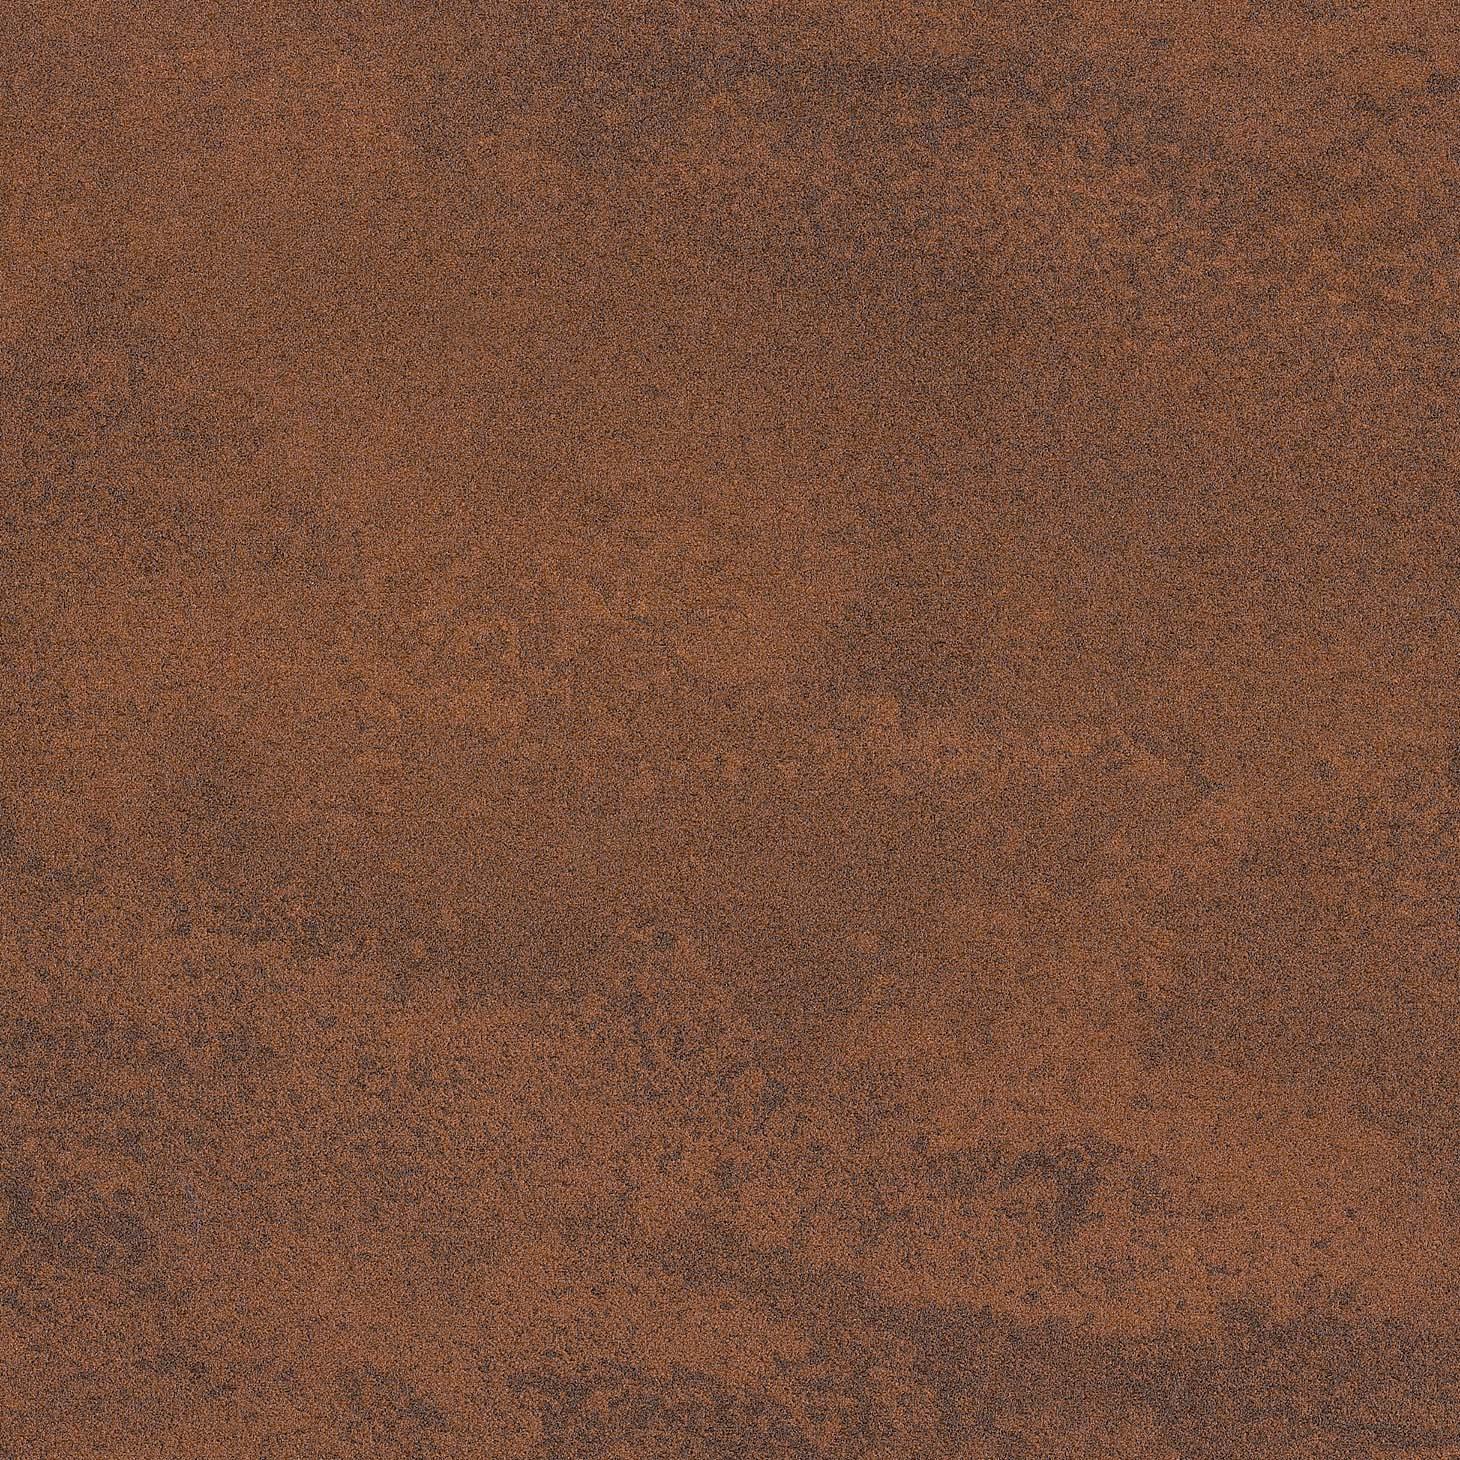 MAT 68A Sandy Oxide/MAT 68A